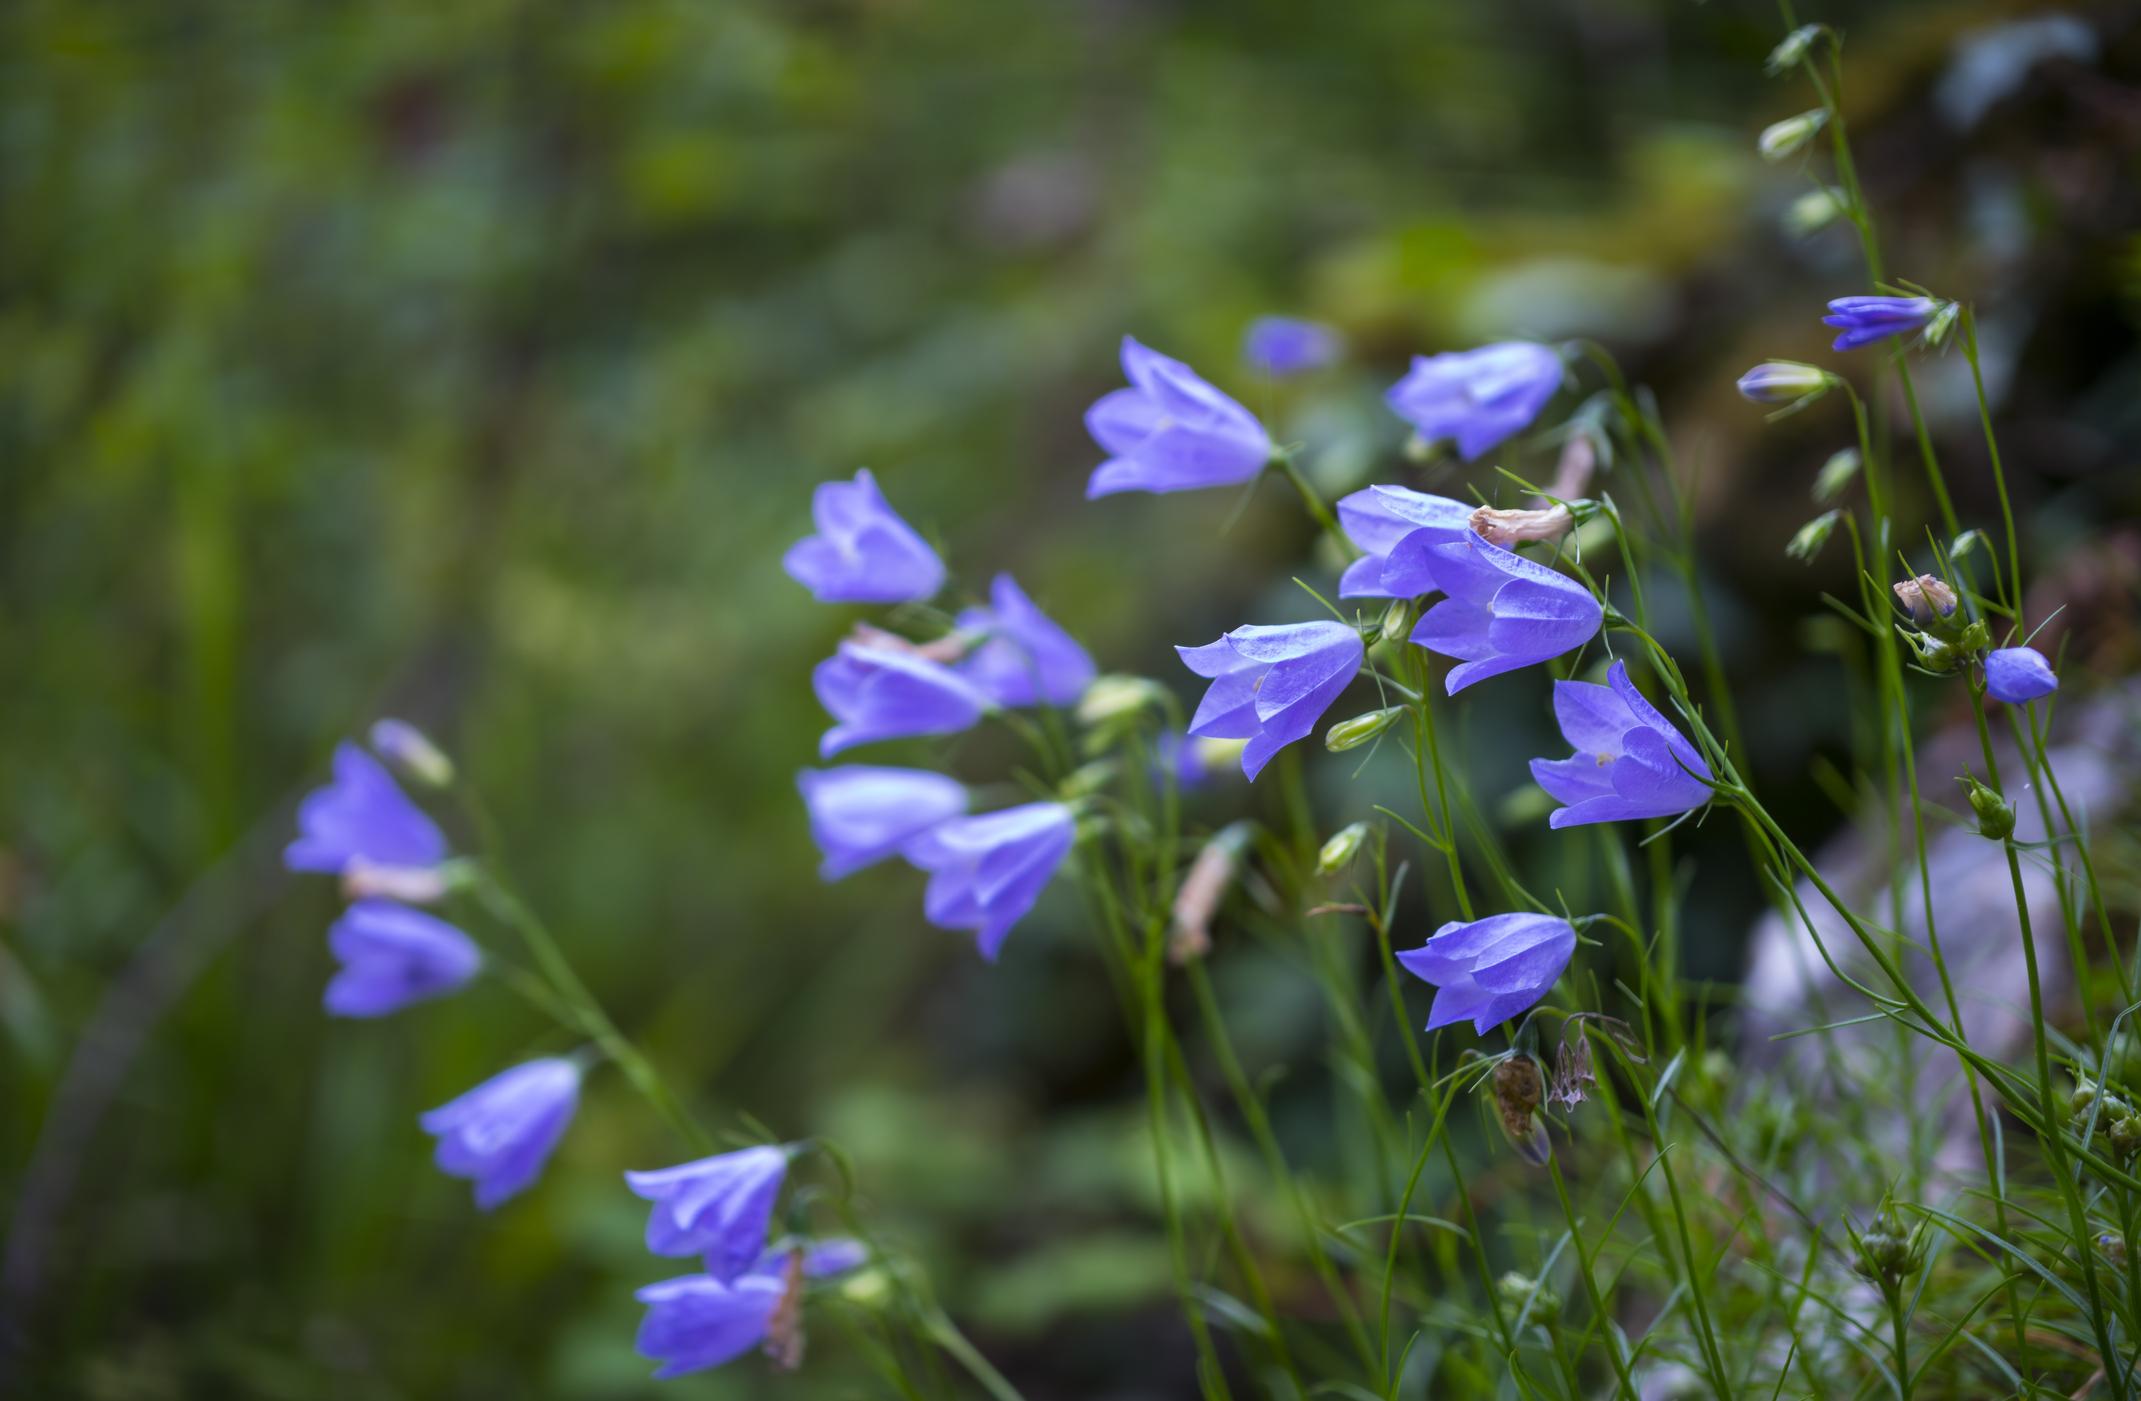 Цветок колокольчик выращивание из семян посадка и уход в открытом грунте фото видов и сортов